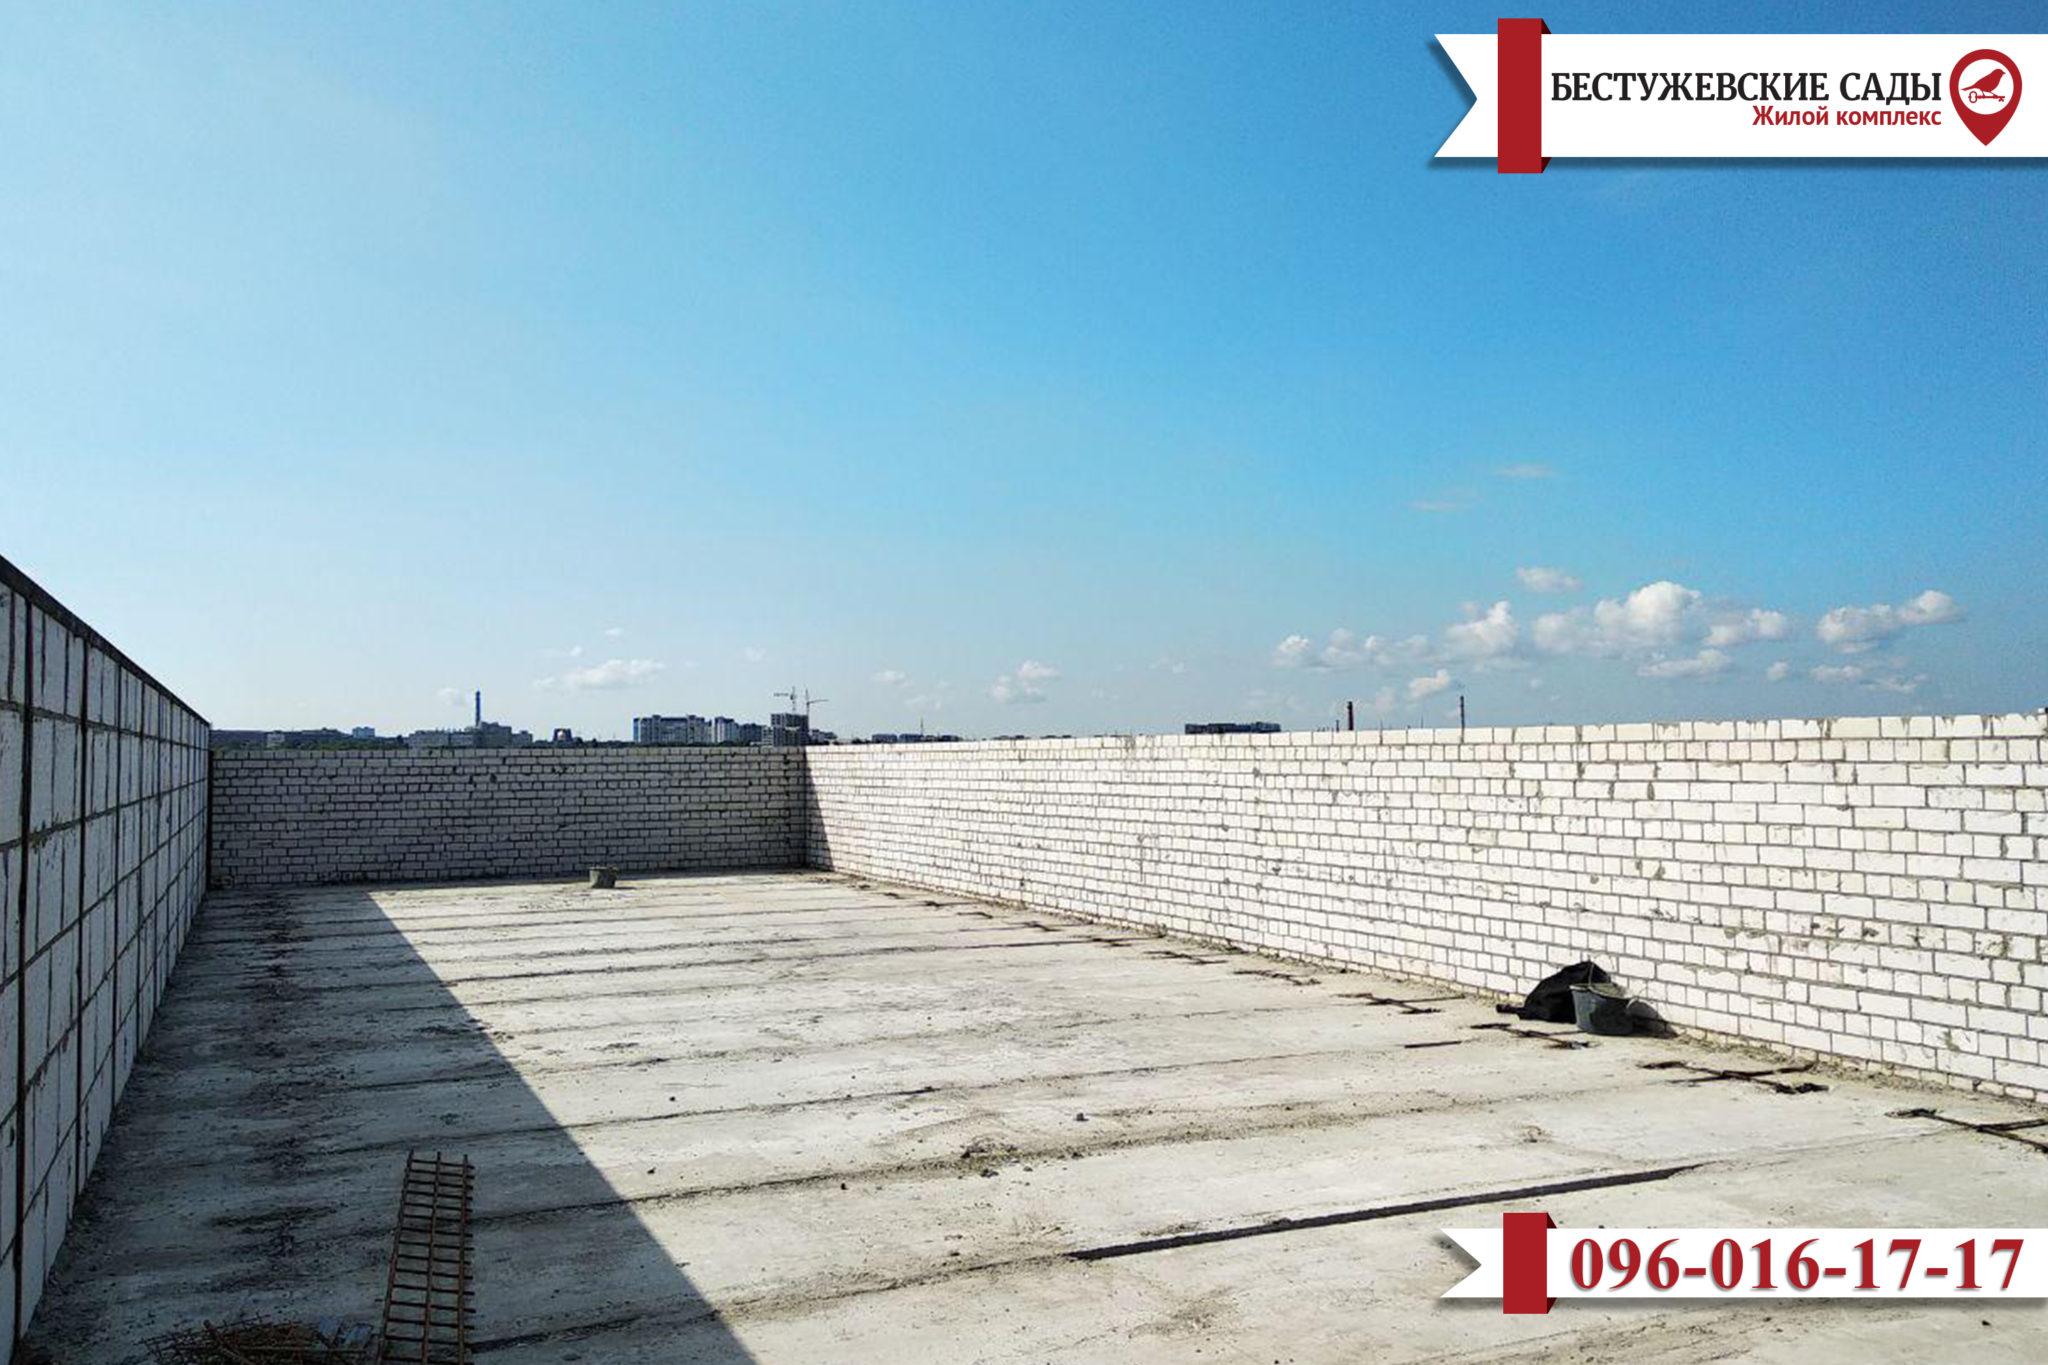 С места строительства жилых зданий «Бестужевские Сады» снова передают информацию!